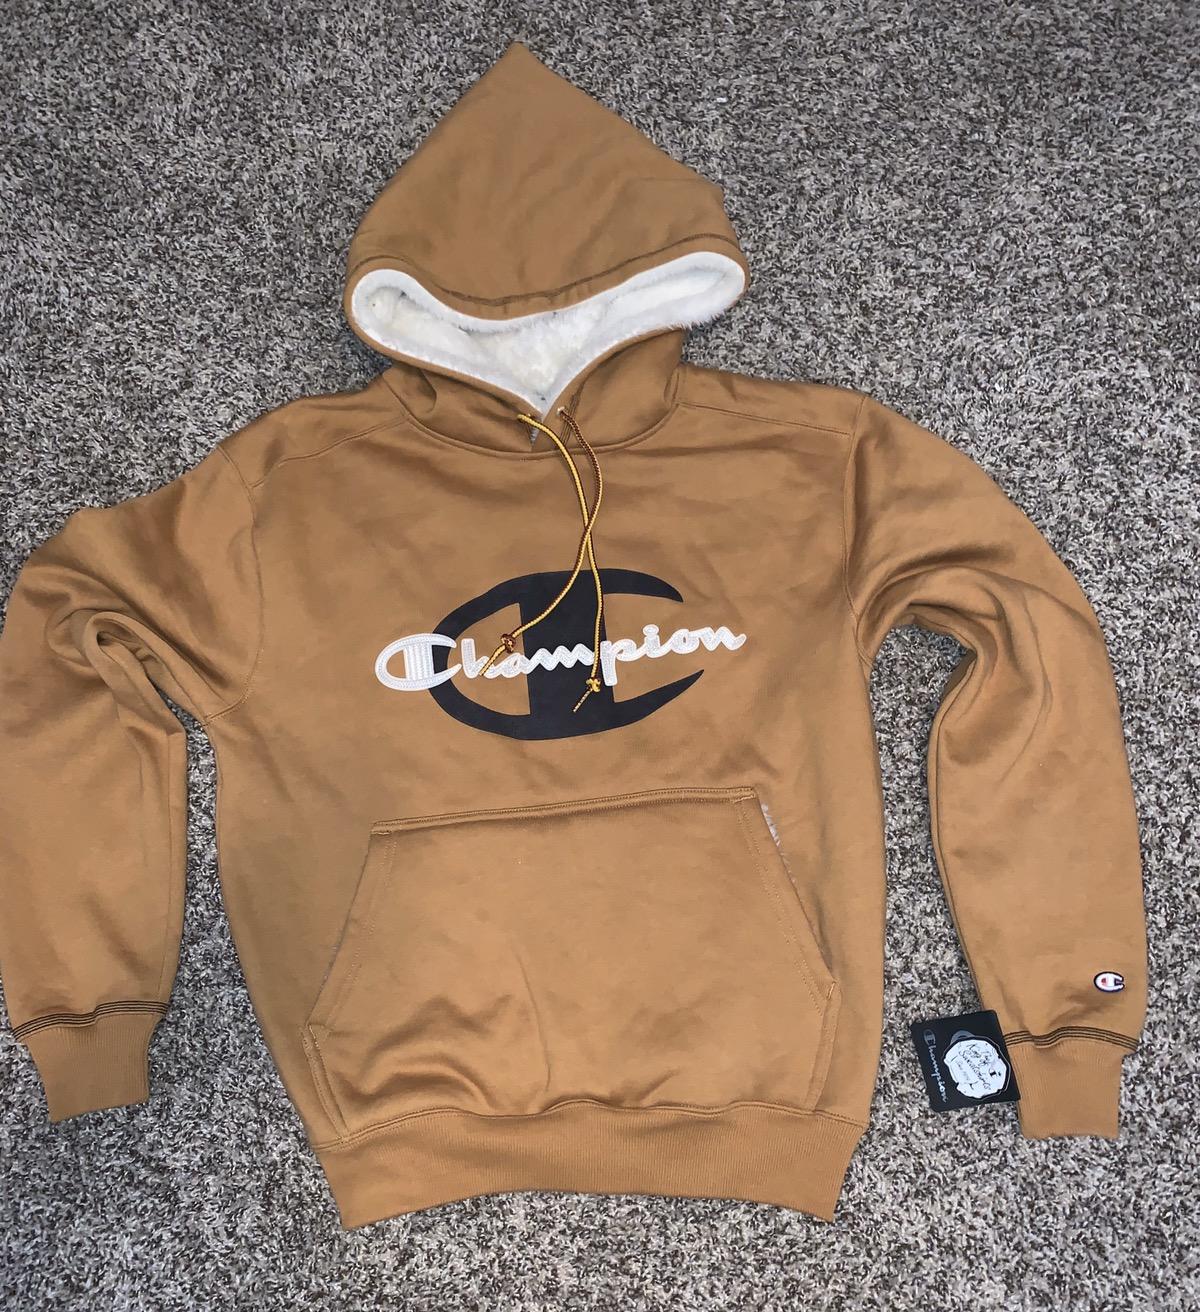 timberland champion hoodie